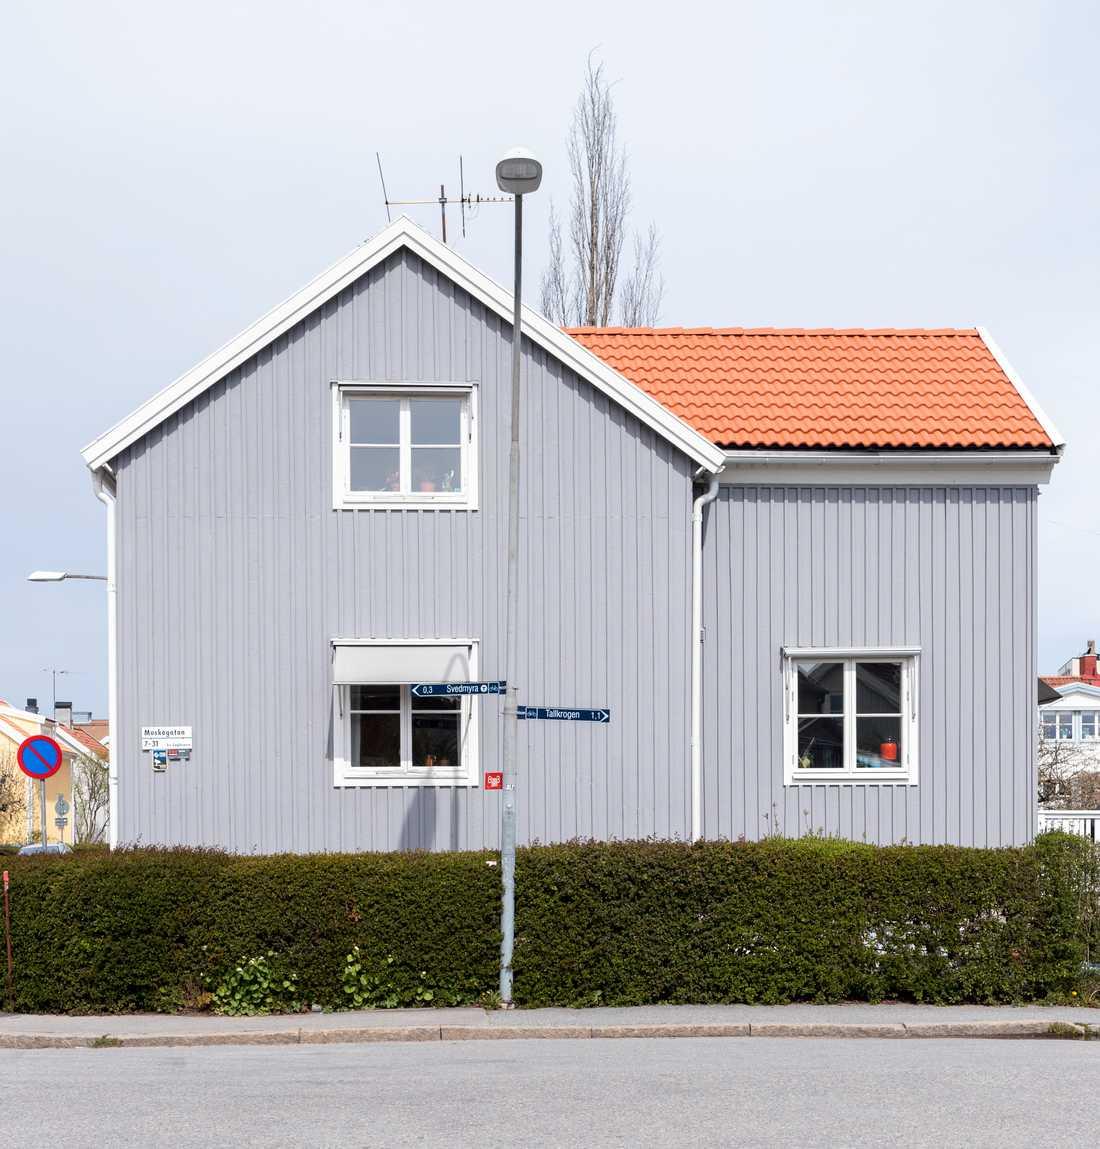 Taket för hur stor vinst man kan göra med uppskjuten skatt när man säljer sin bostad blir nu 3 miljoner kronor.